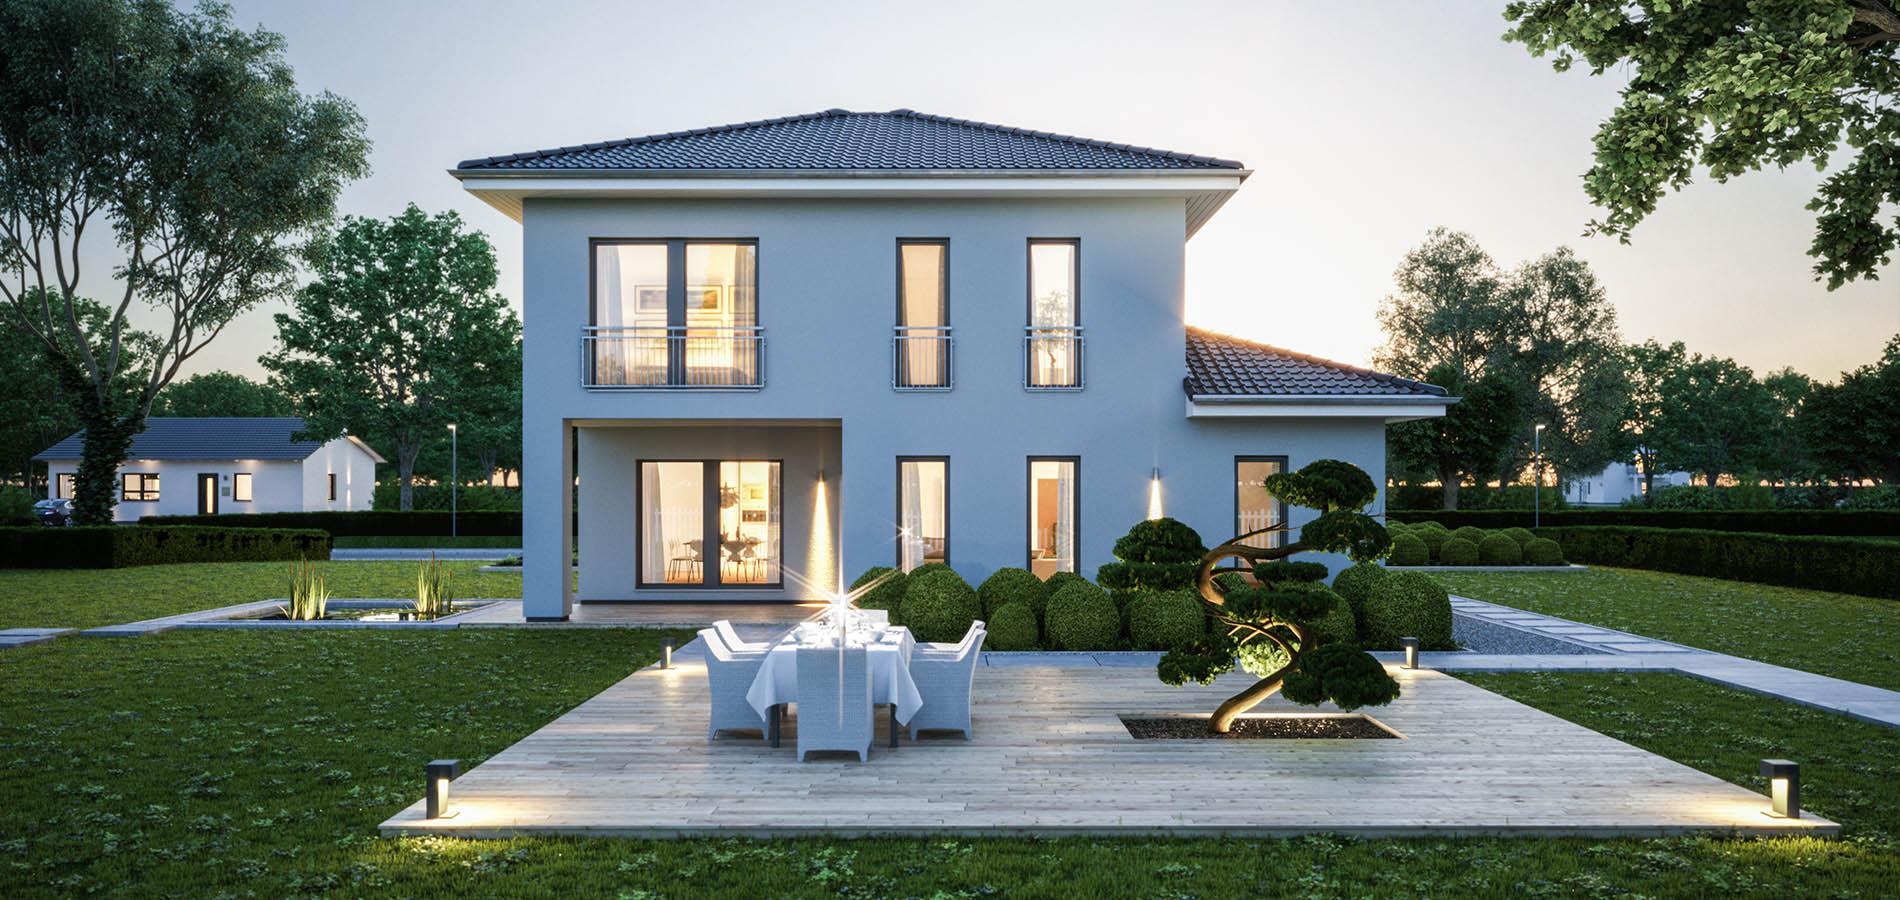 Eine villa als fertighaus bautrends magazin for Fertighaus villa